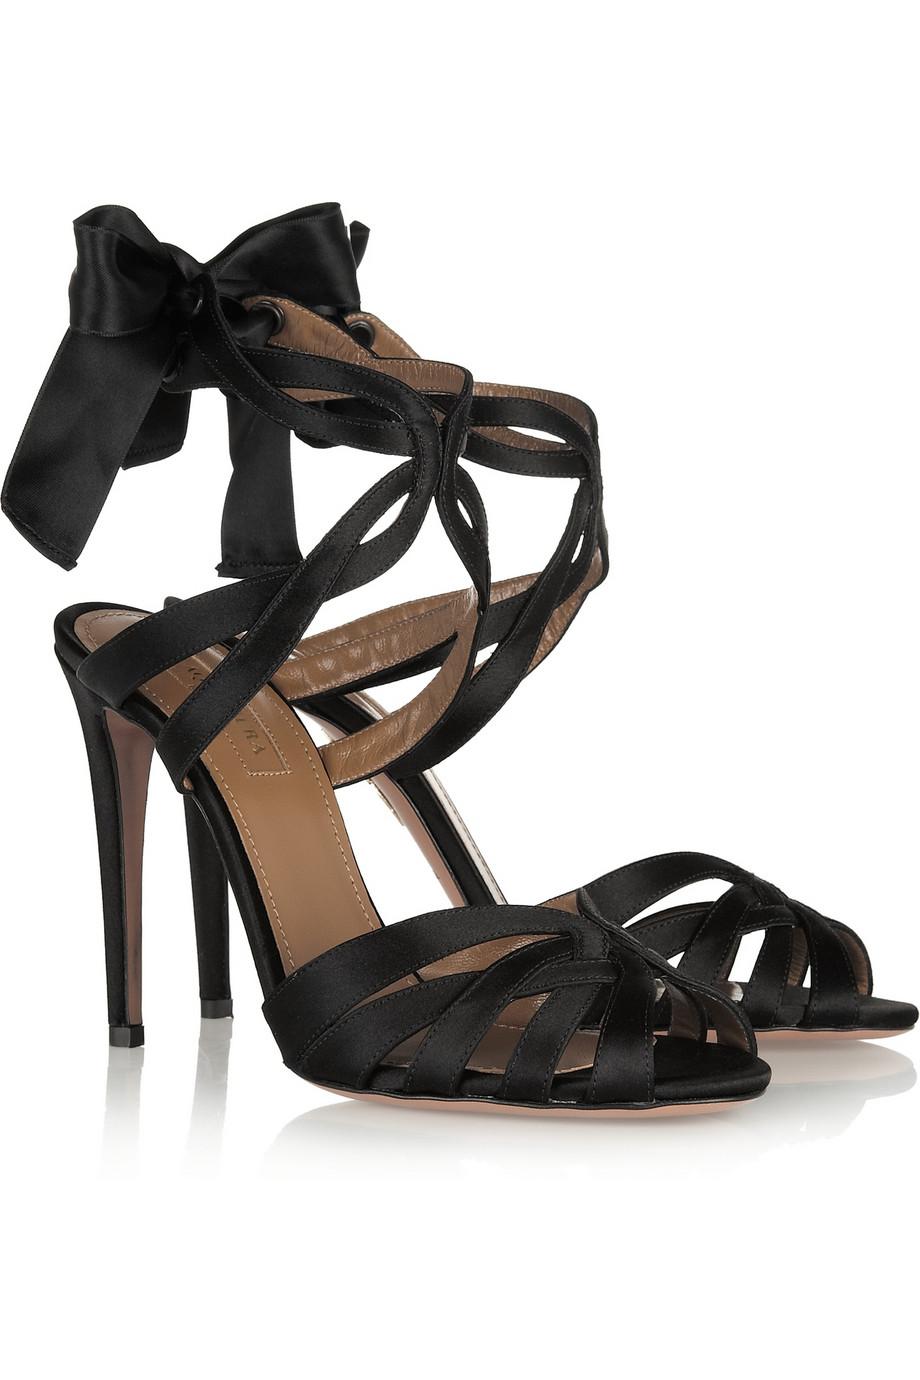 Lyst Aquazzura Charlotte Satin Sandals In Black